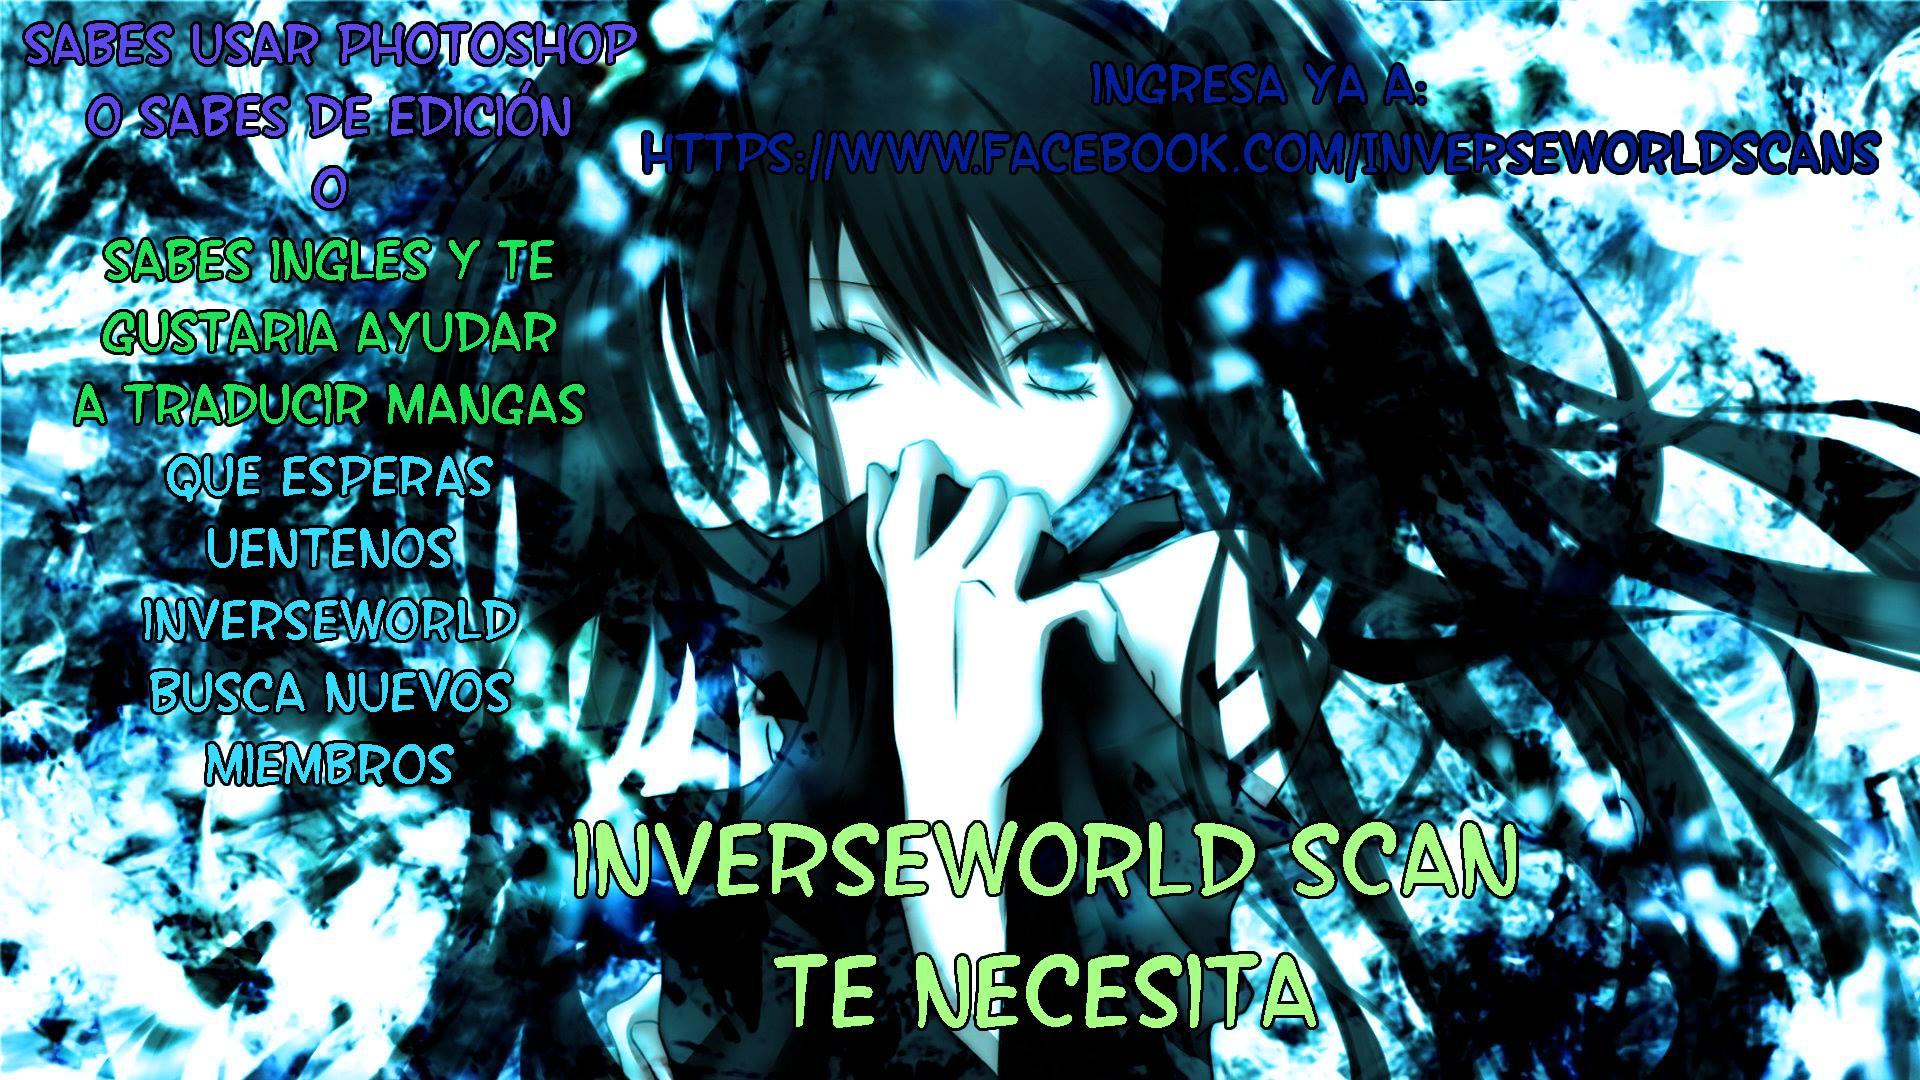 http://c5.ninemanga.com/es_manga/45/16237/390964/ad77a927ec7de49abfb0b9c577bf98bd.jpg Page 2